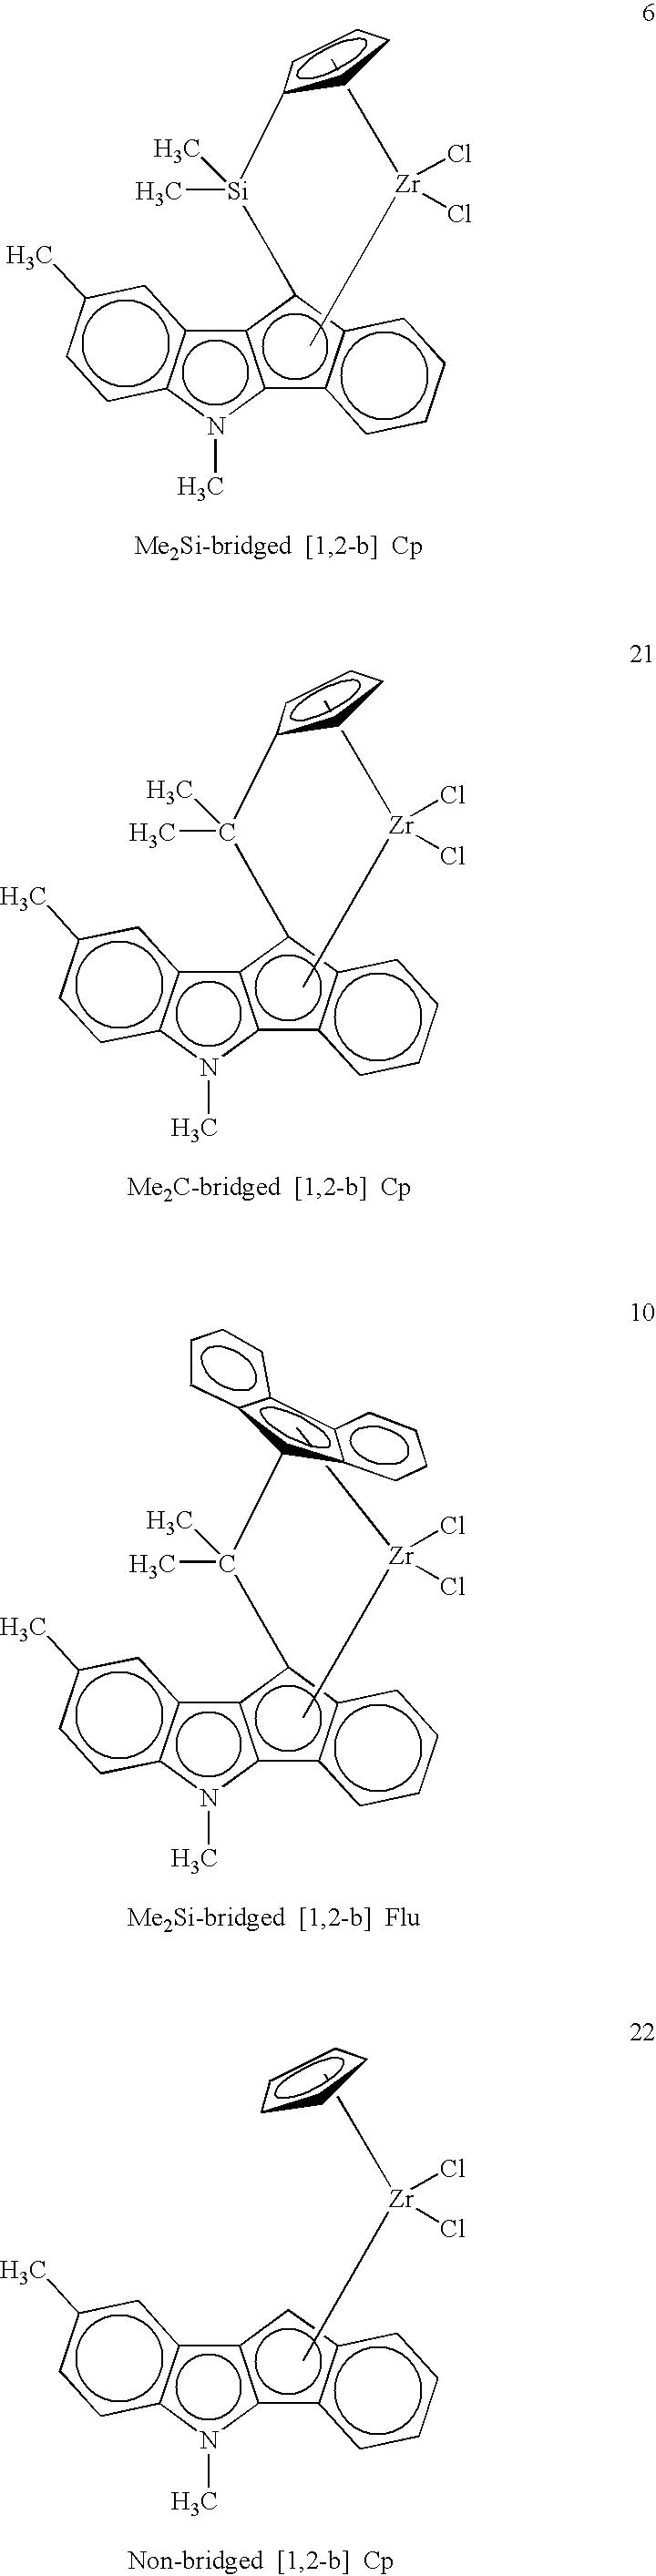 Figure US06908972-20050621-C00005